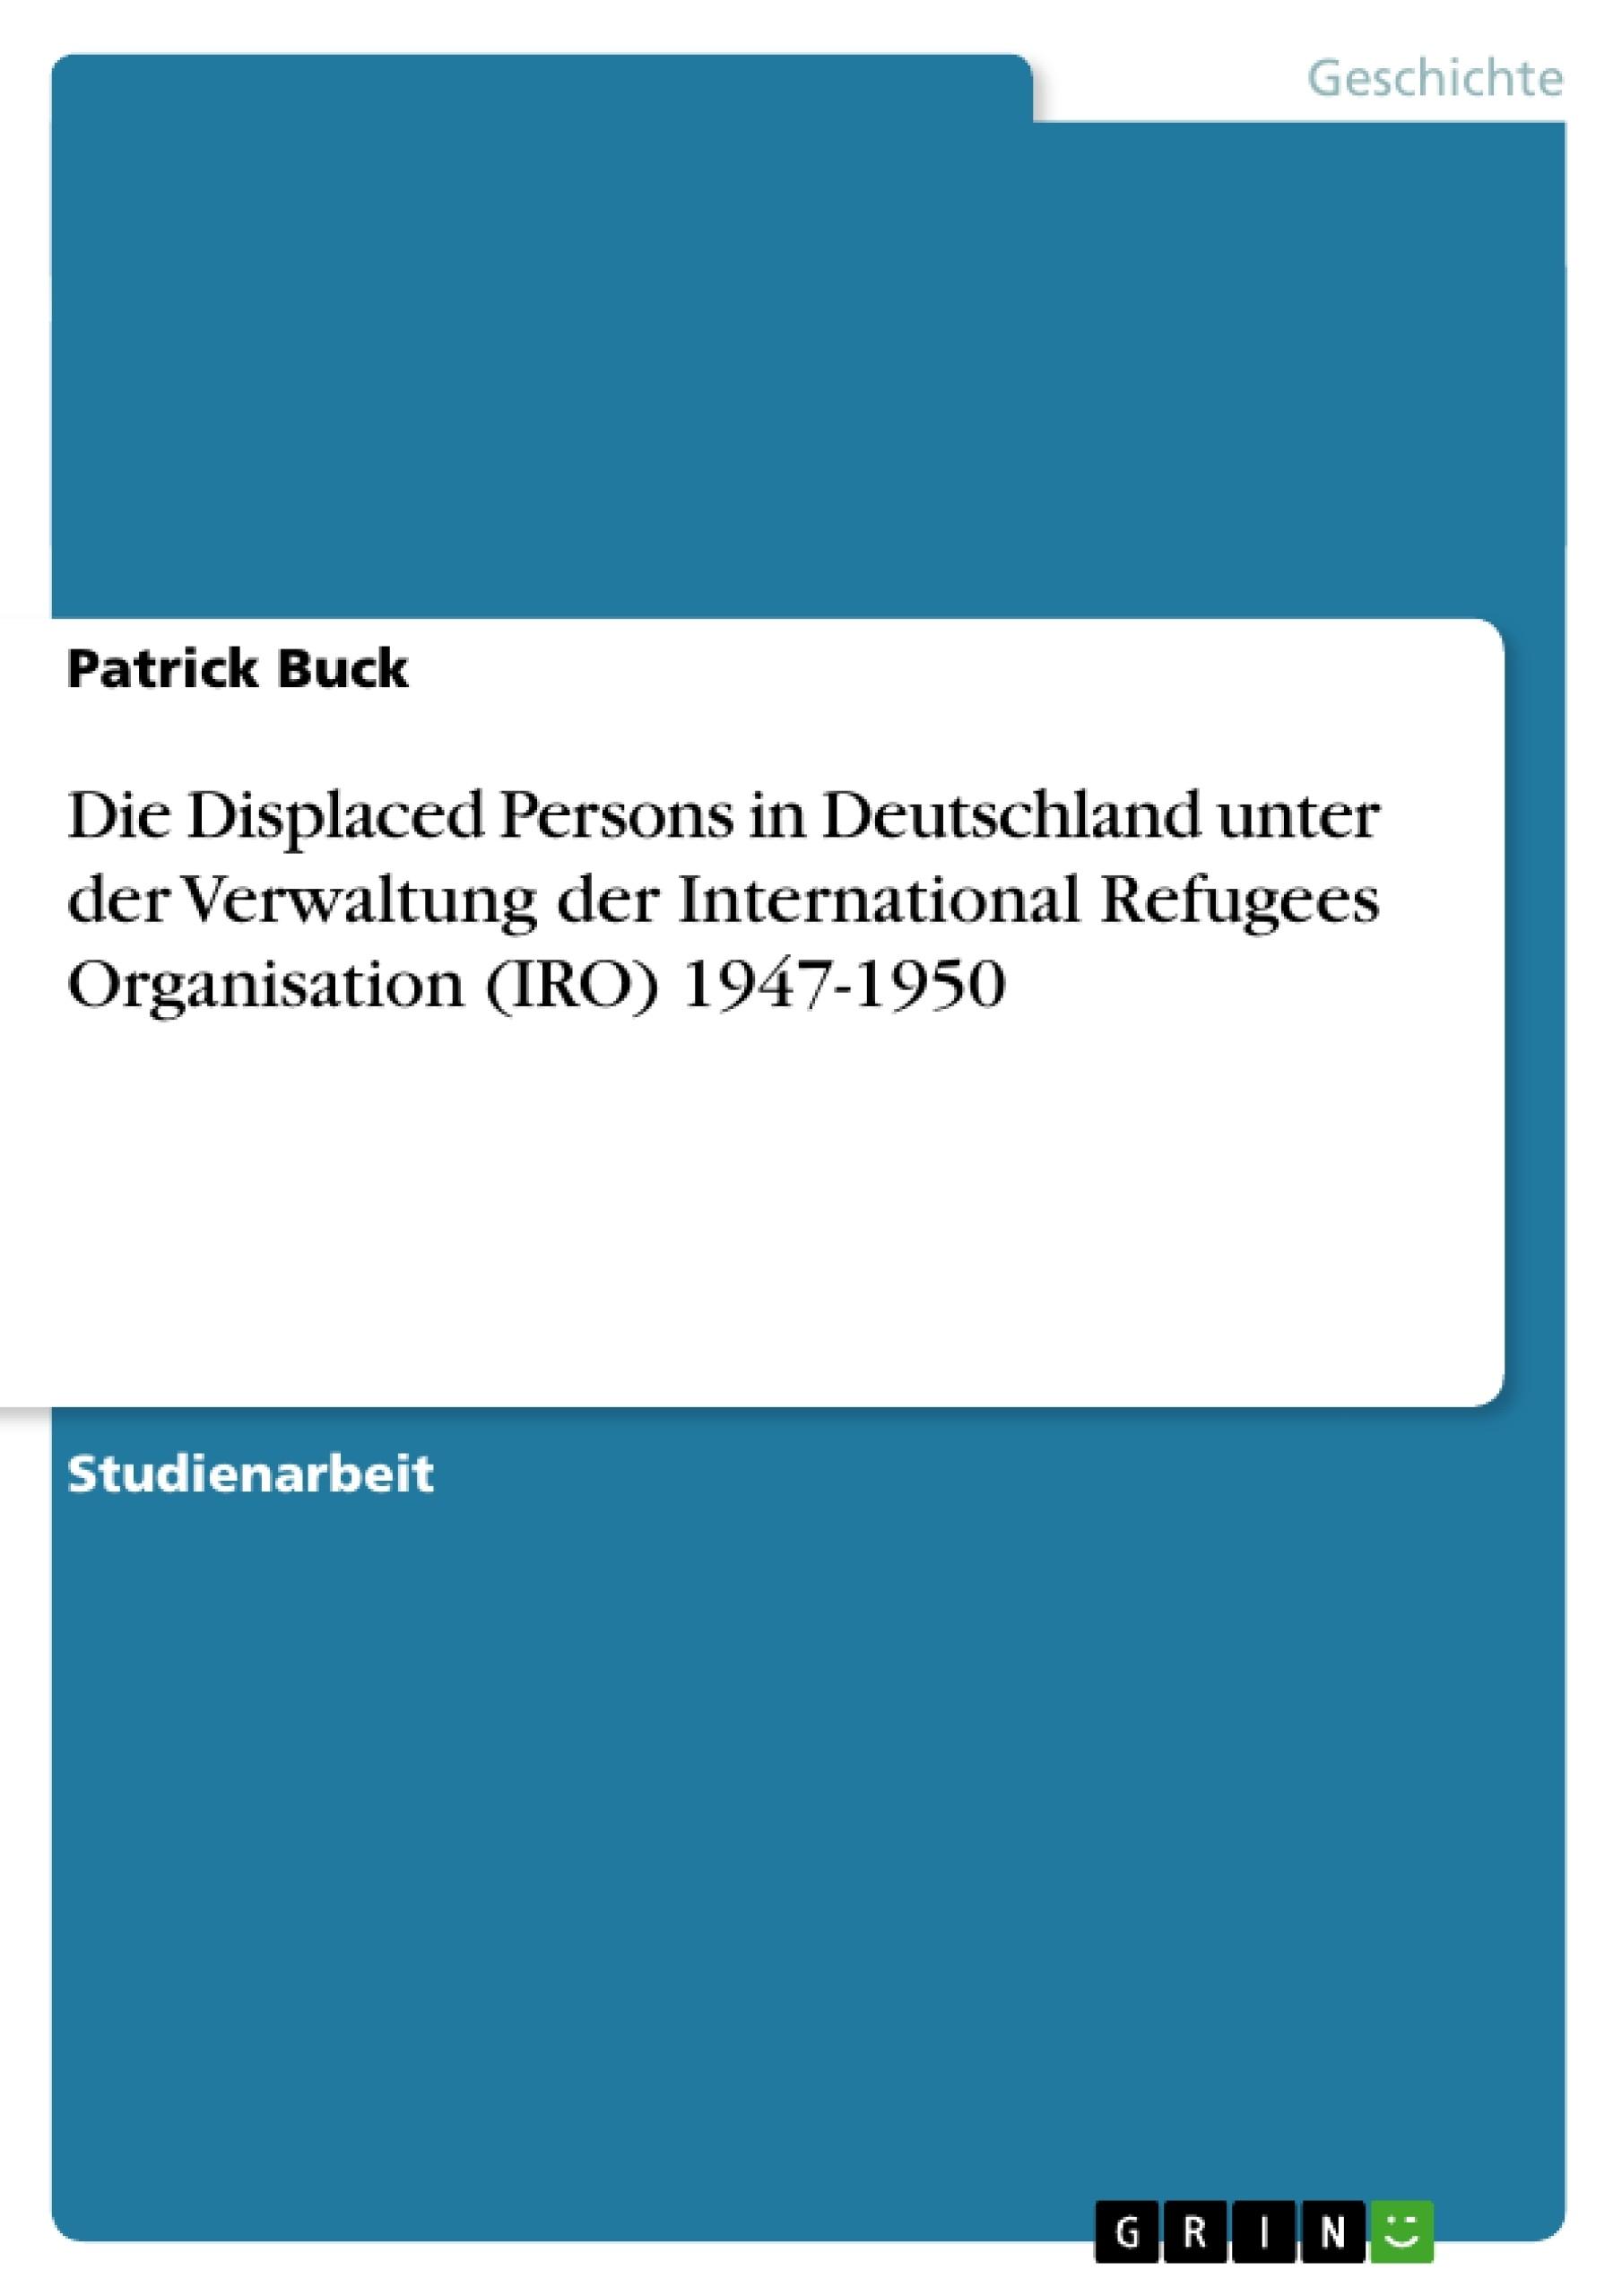 Titel: Die Displaced Persons in Deutschland  unter der Verwaltung der International Refugees Organisation (IRO) 1947-1950